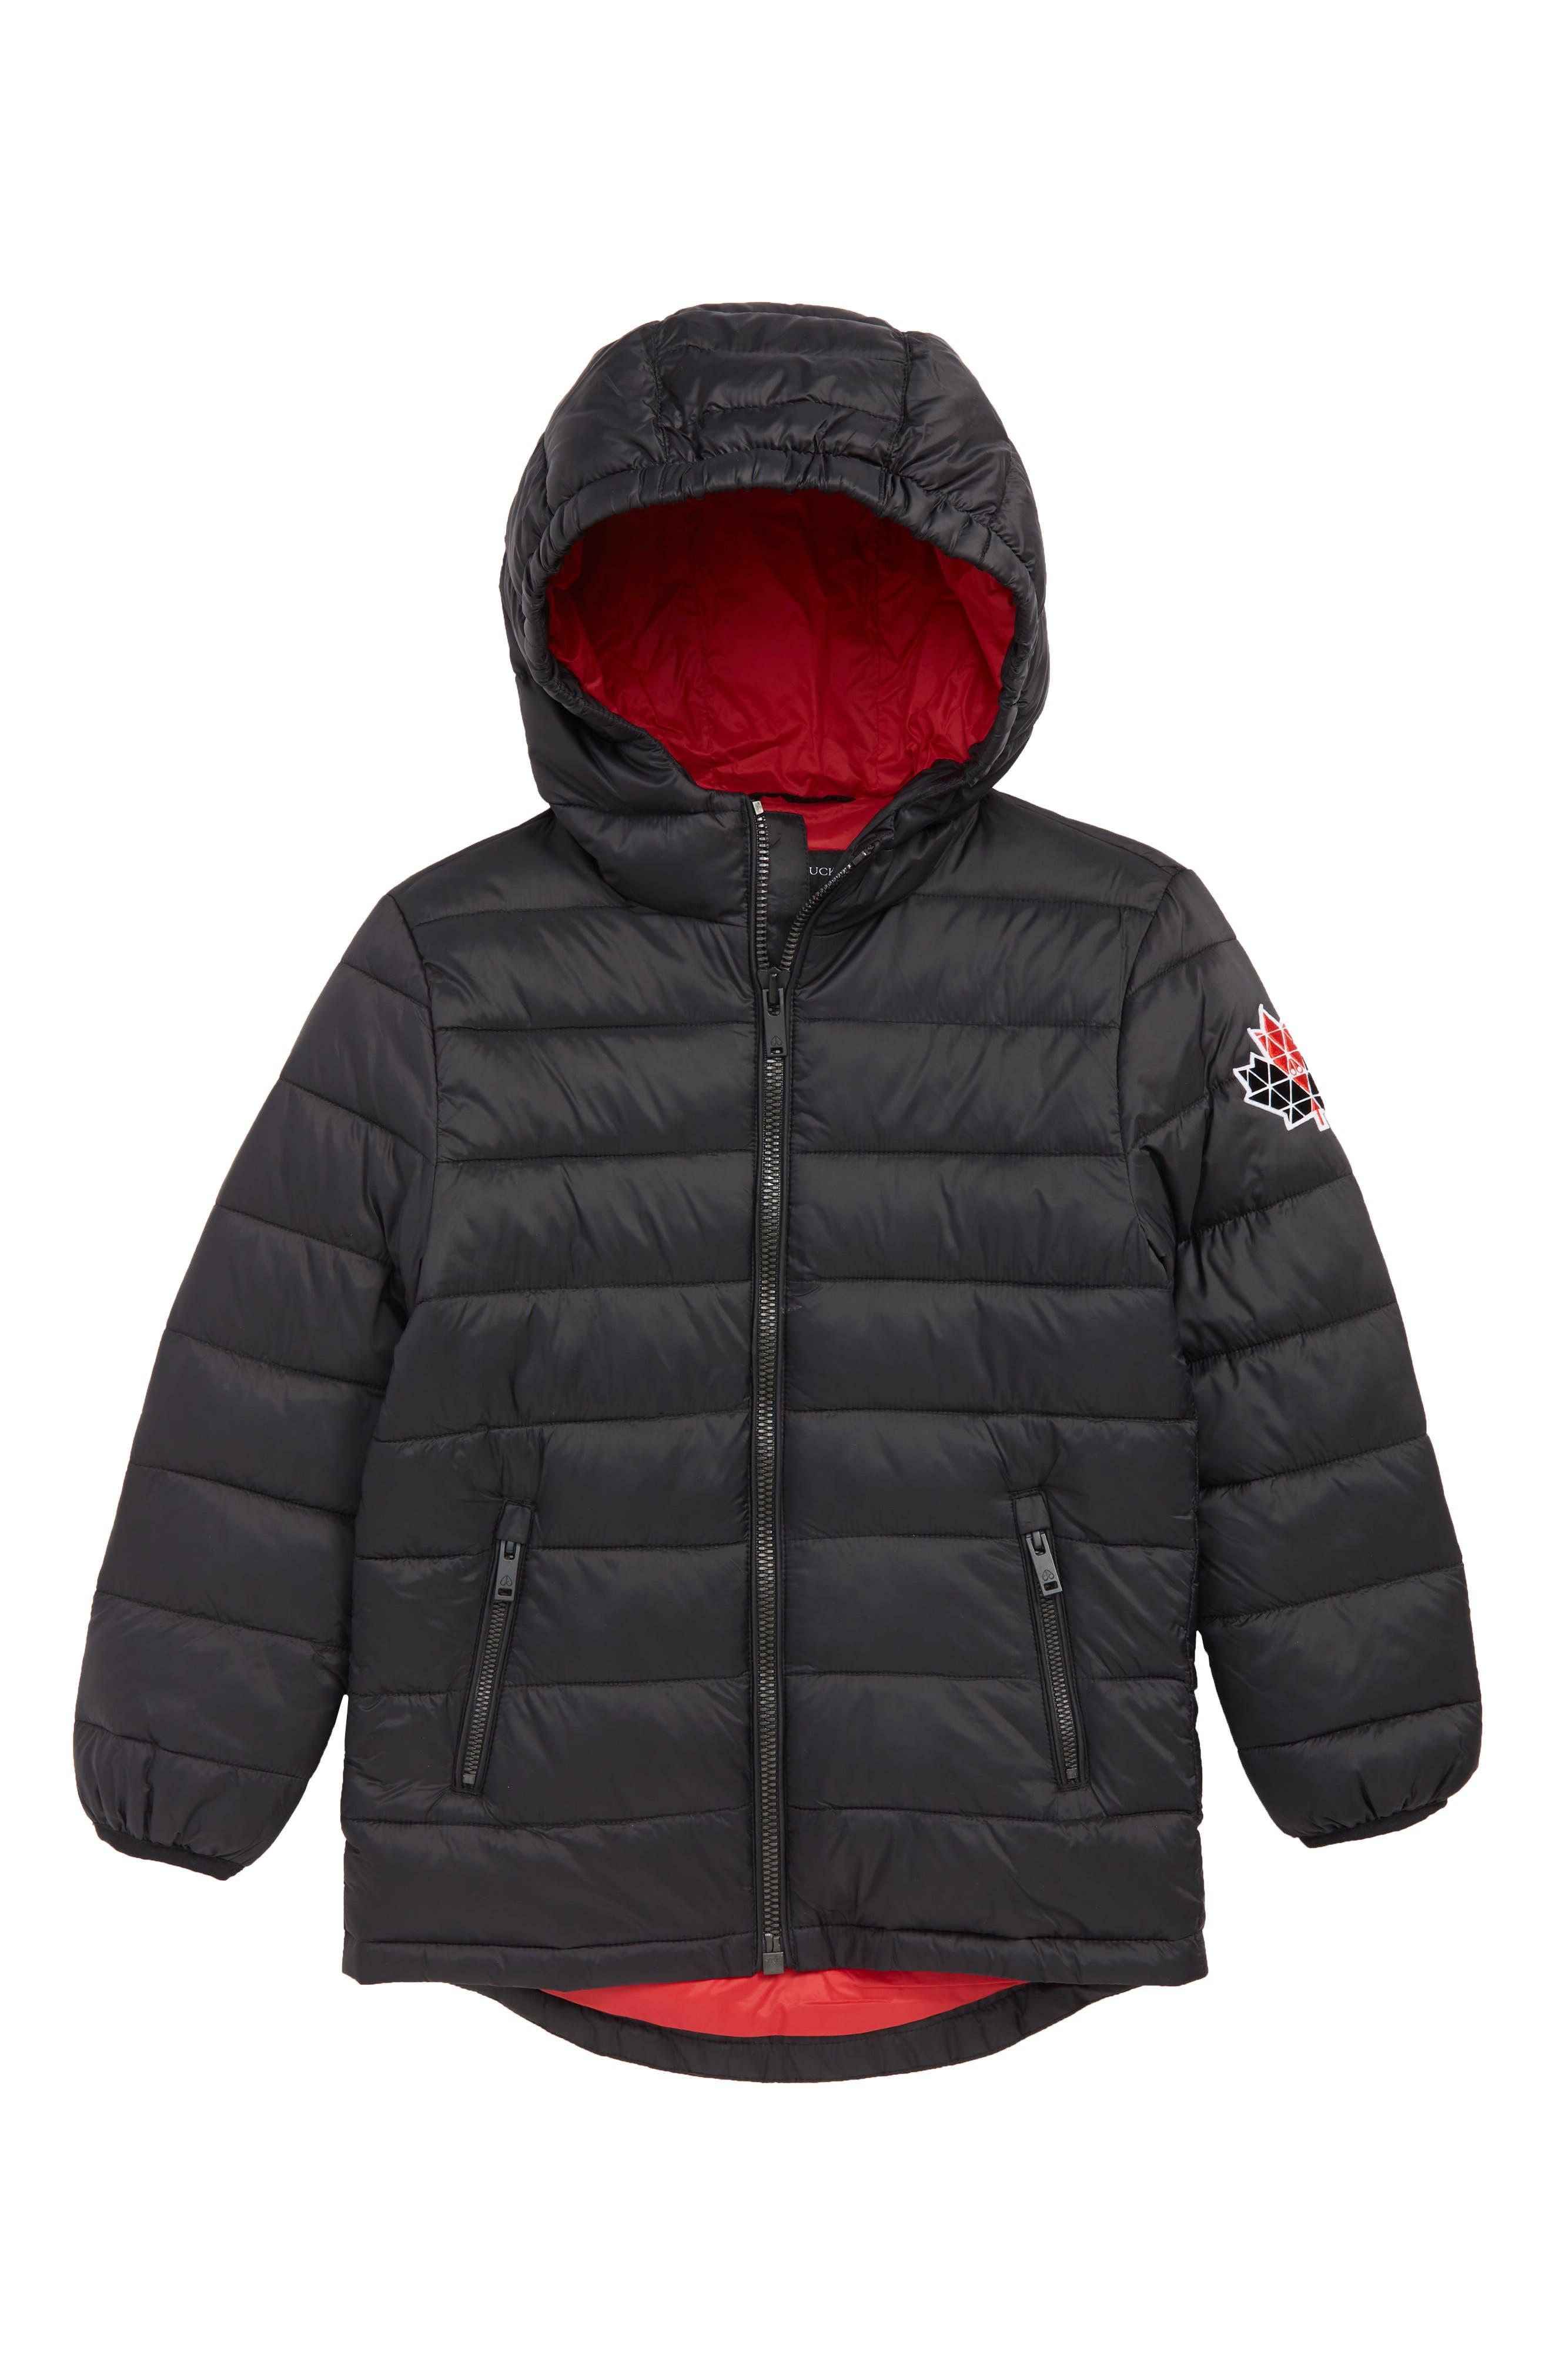 MOOSE KNUCKLES Acadie Hooded Jacket, Main, color, BLACK